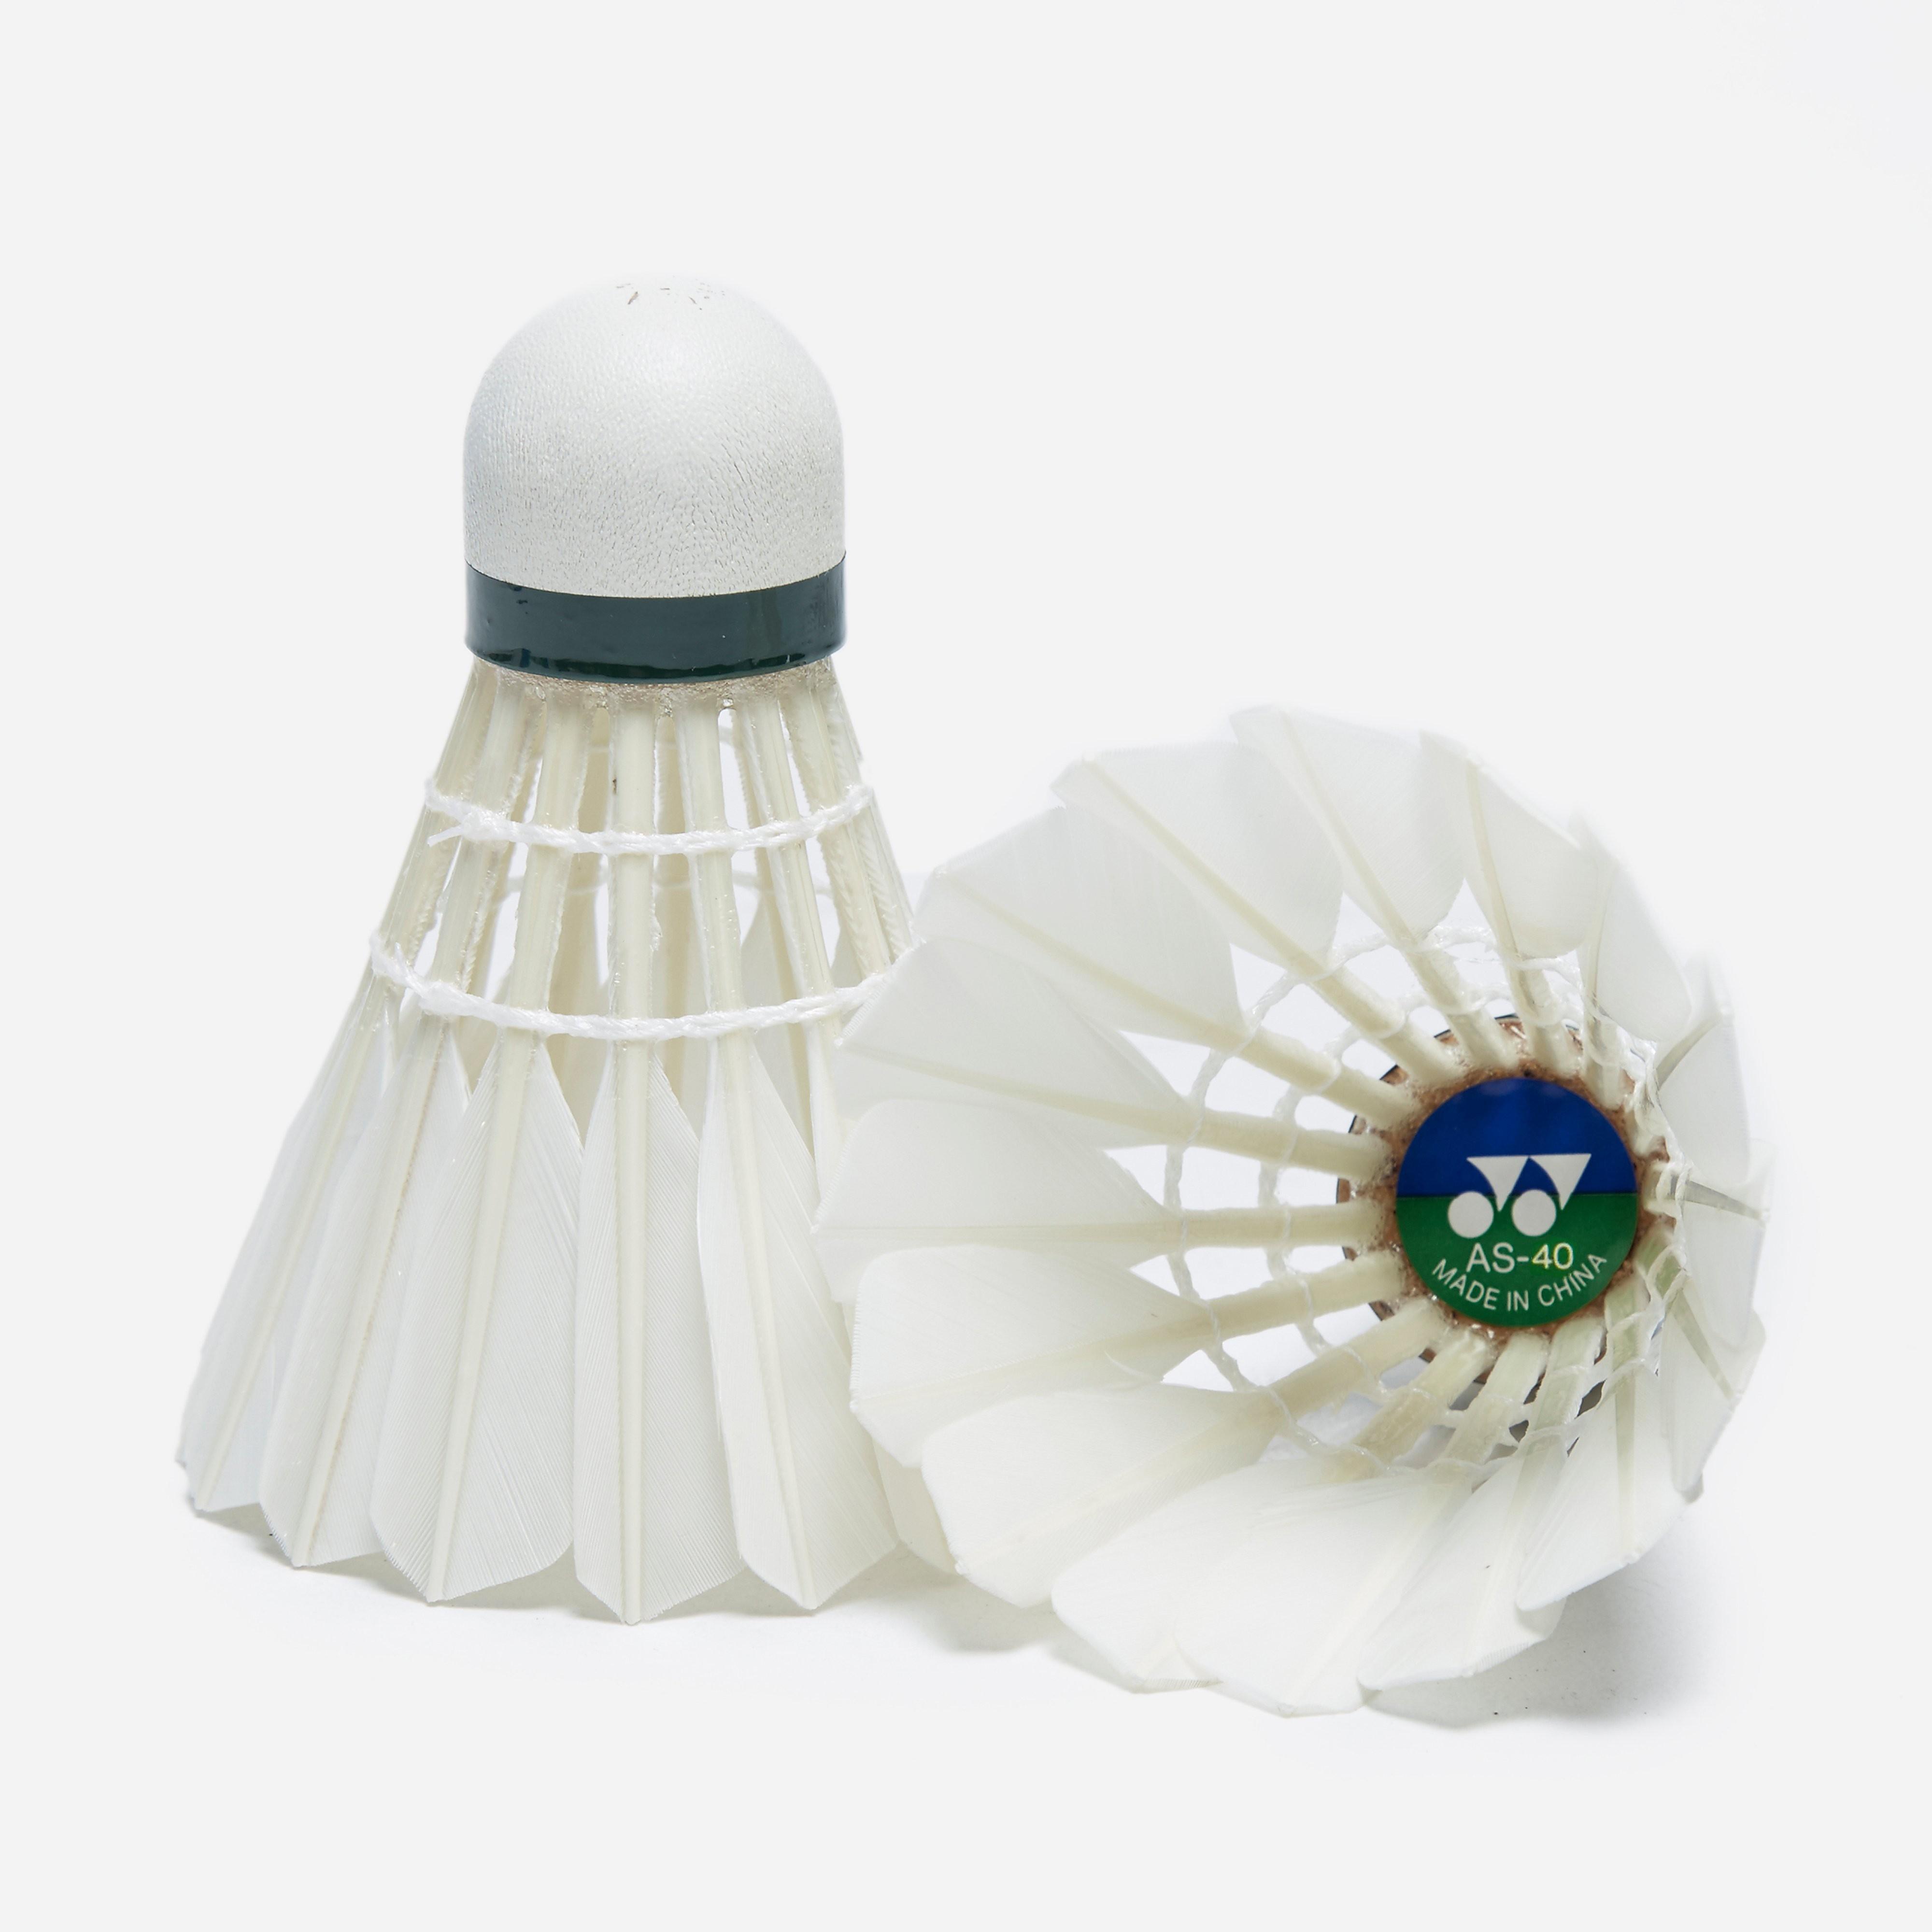 Yonex AS- 40 Feather Badminton Shuttlecocks